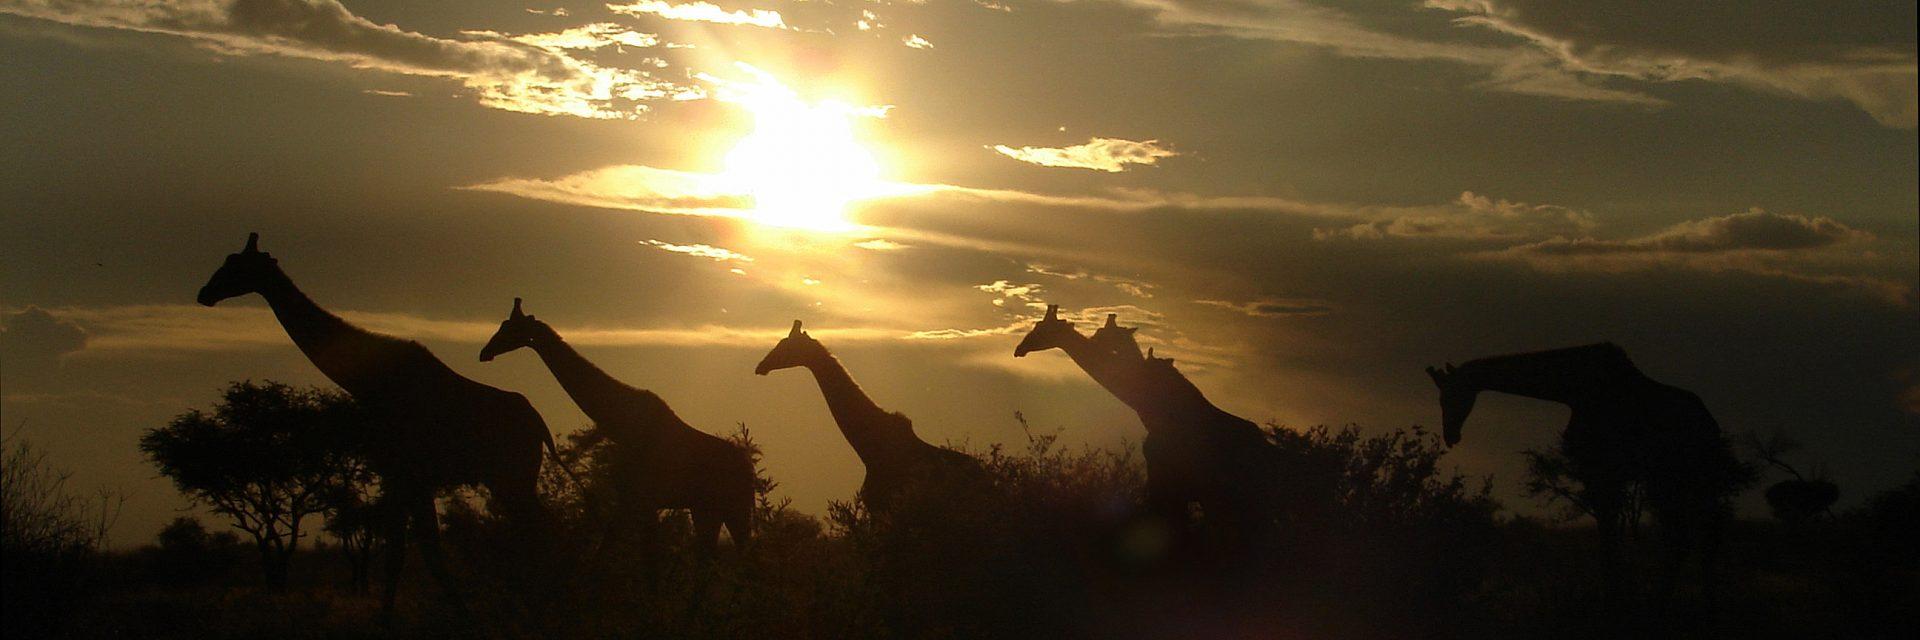 Wildlife sustainability